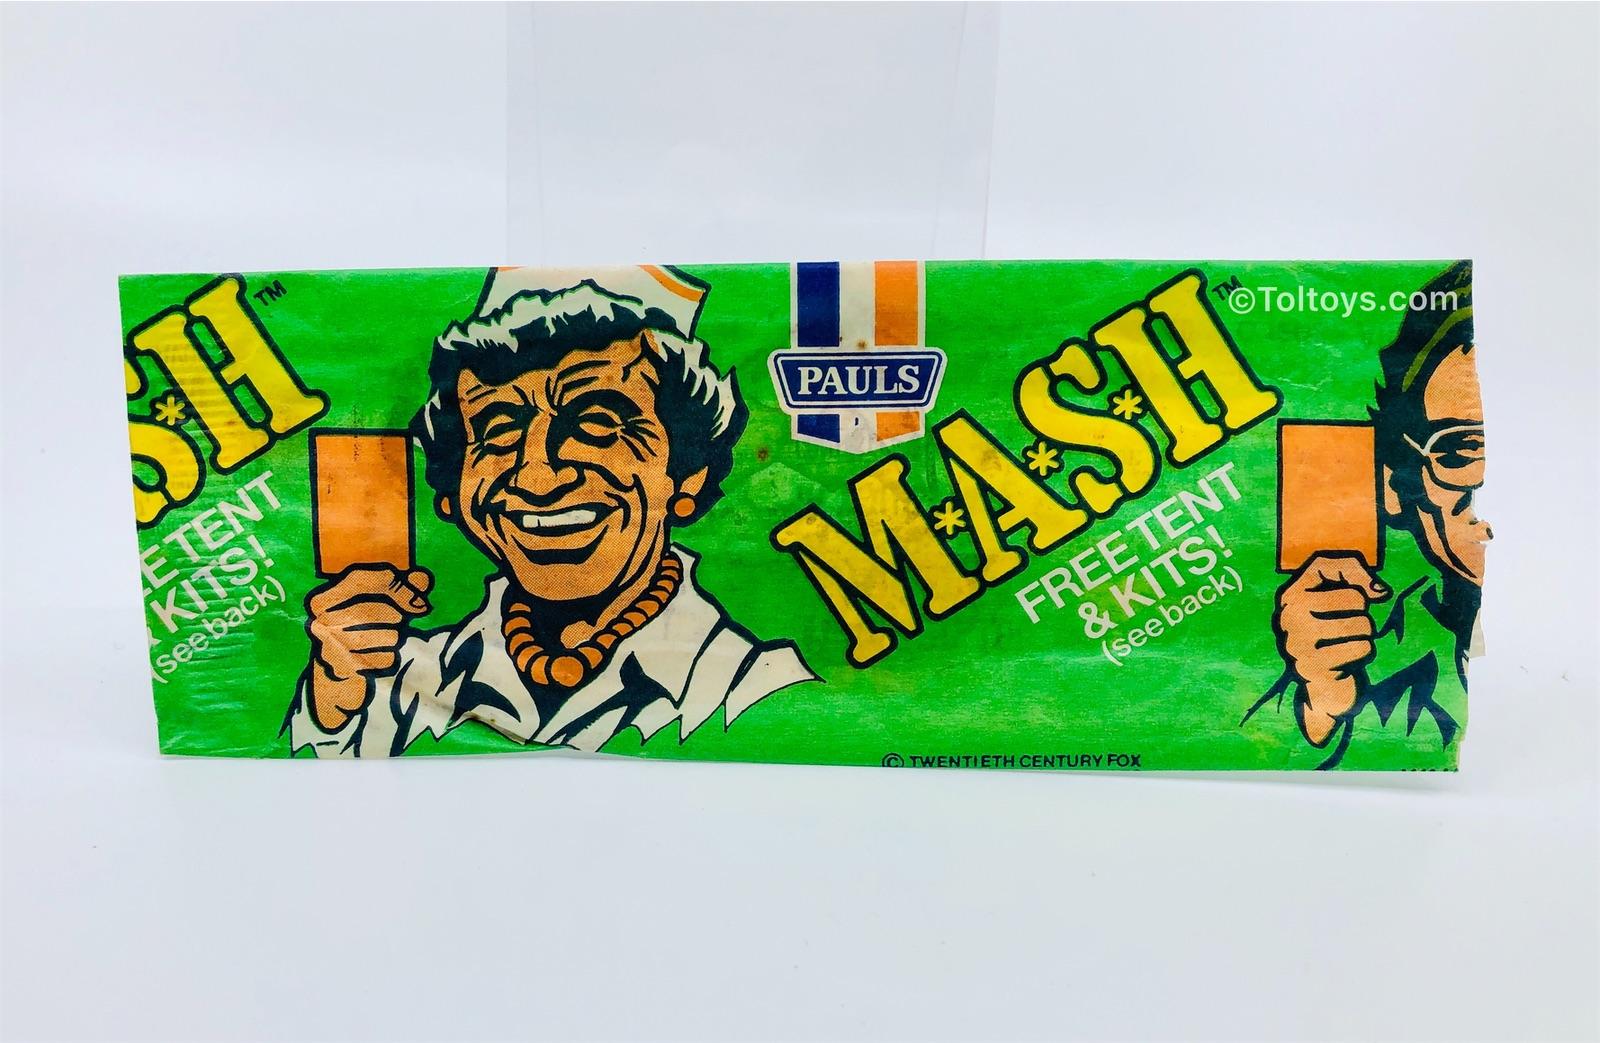 Paul's Ice Cream MASH Wrapper